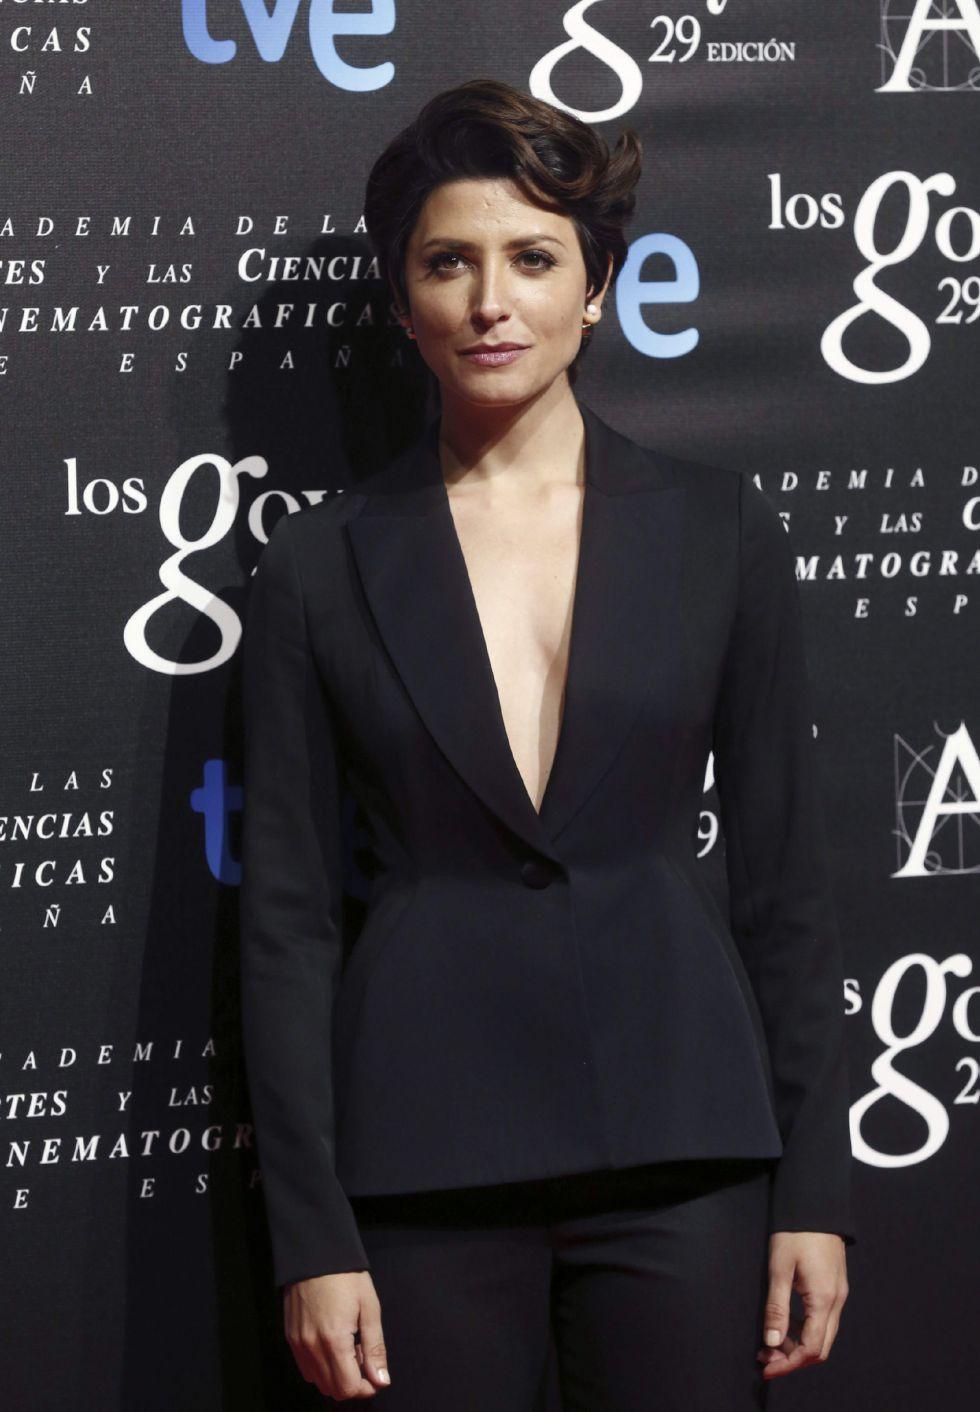 La actriz Bárbara Lennie, nominada a Mejor actriz protagonista por 'Magical girl'